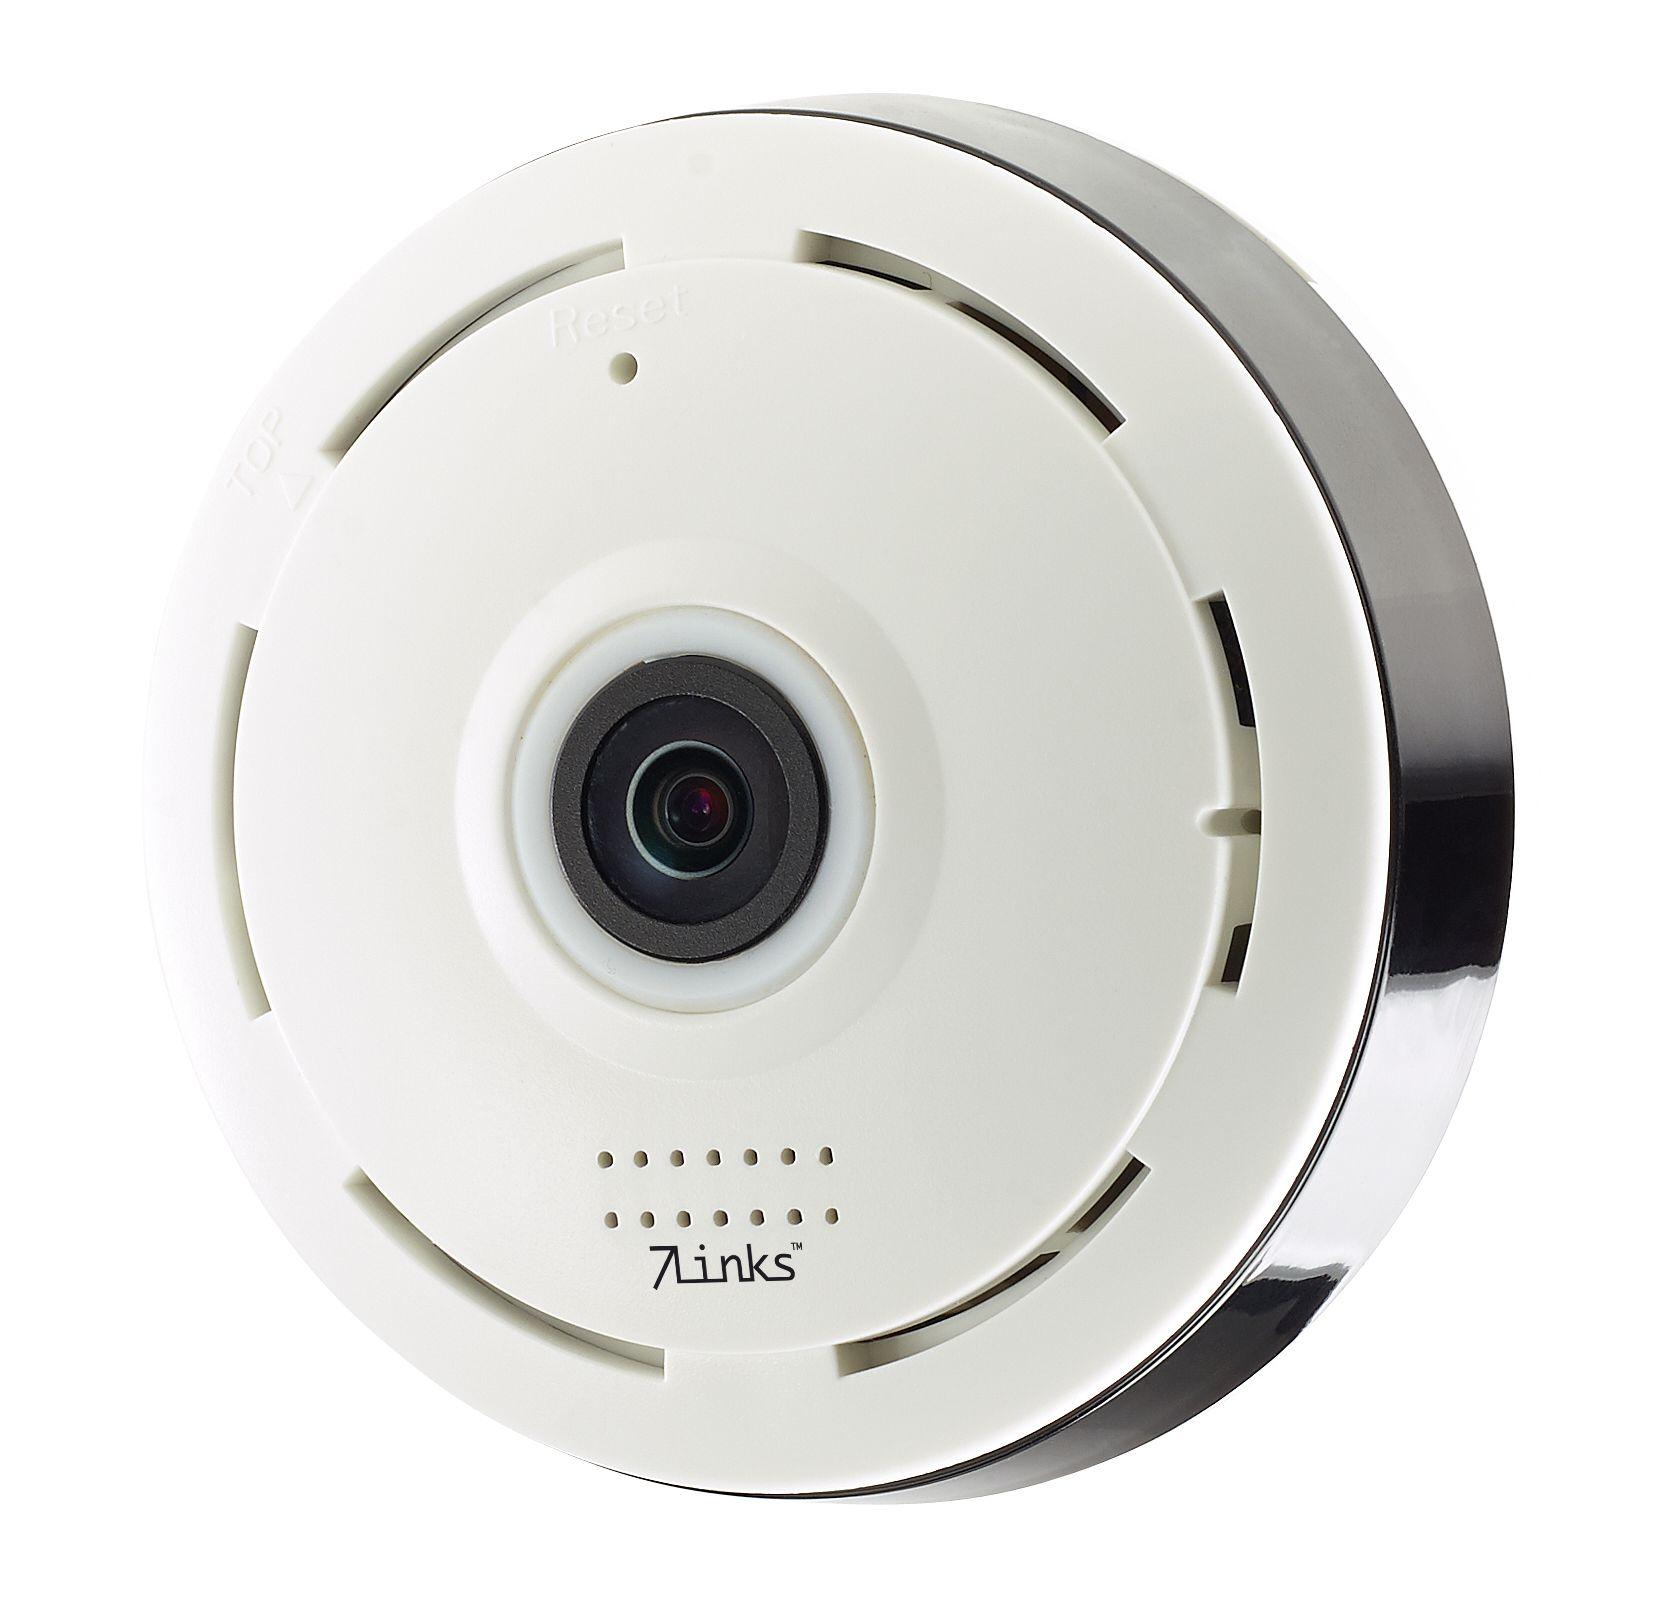 7links Panorama-Überwachungskamera, Rundum- & Nachtsicht